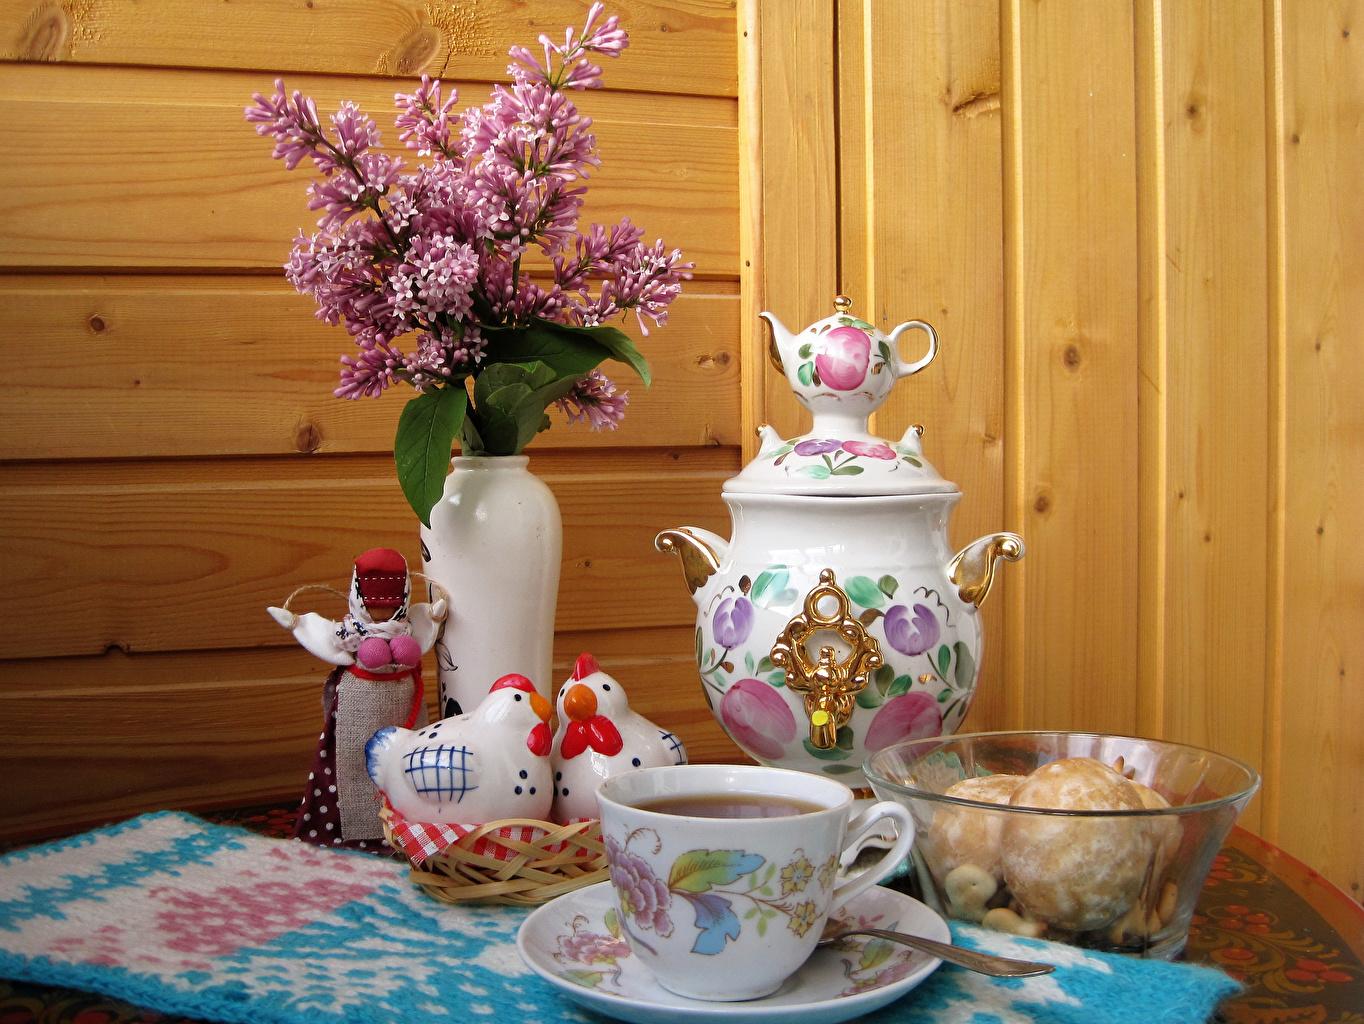 Картинки Курица Самовар Чай Сирень вазе Пища Чашка Натюрморт Доски самовары самовара Еда Ваза вазы чашке Продукты питания